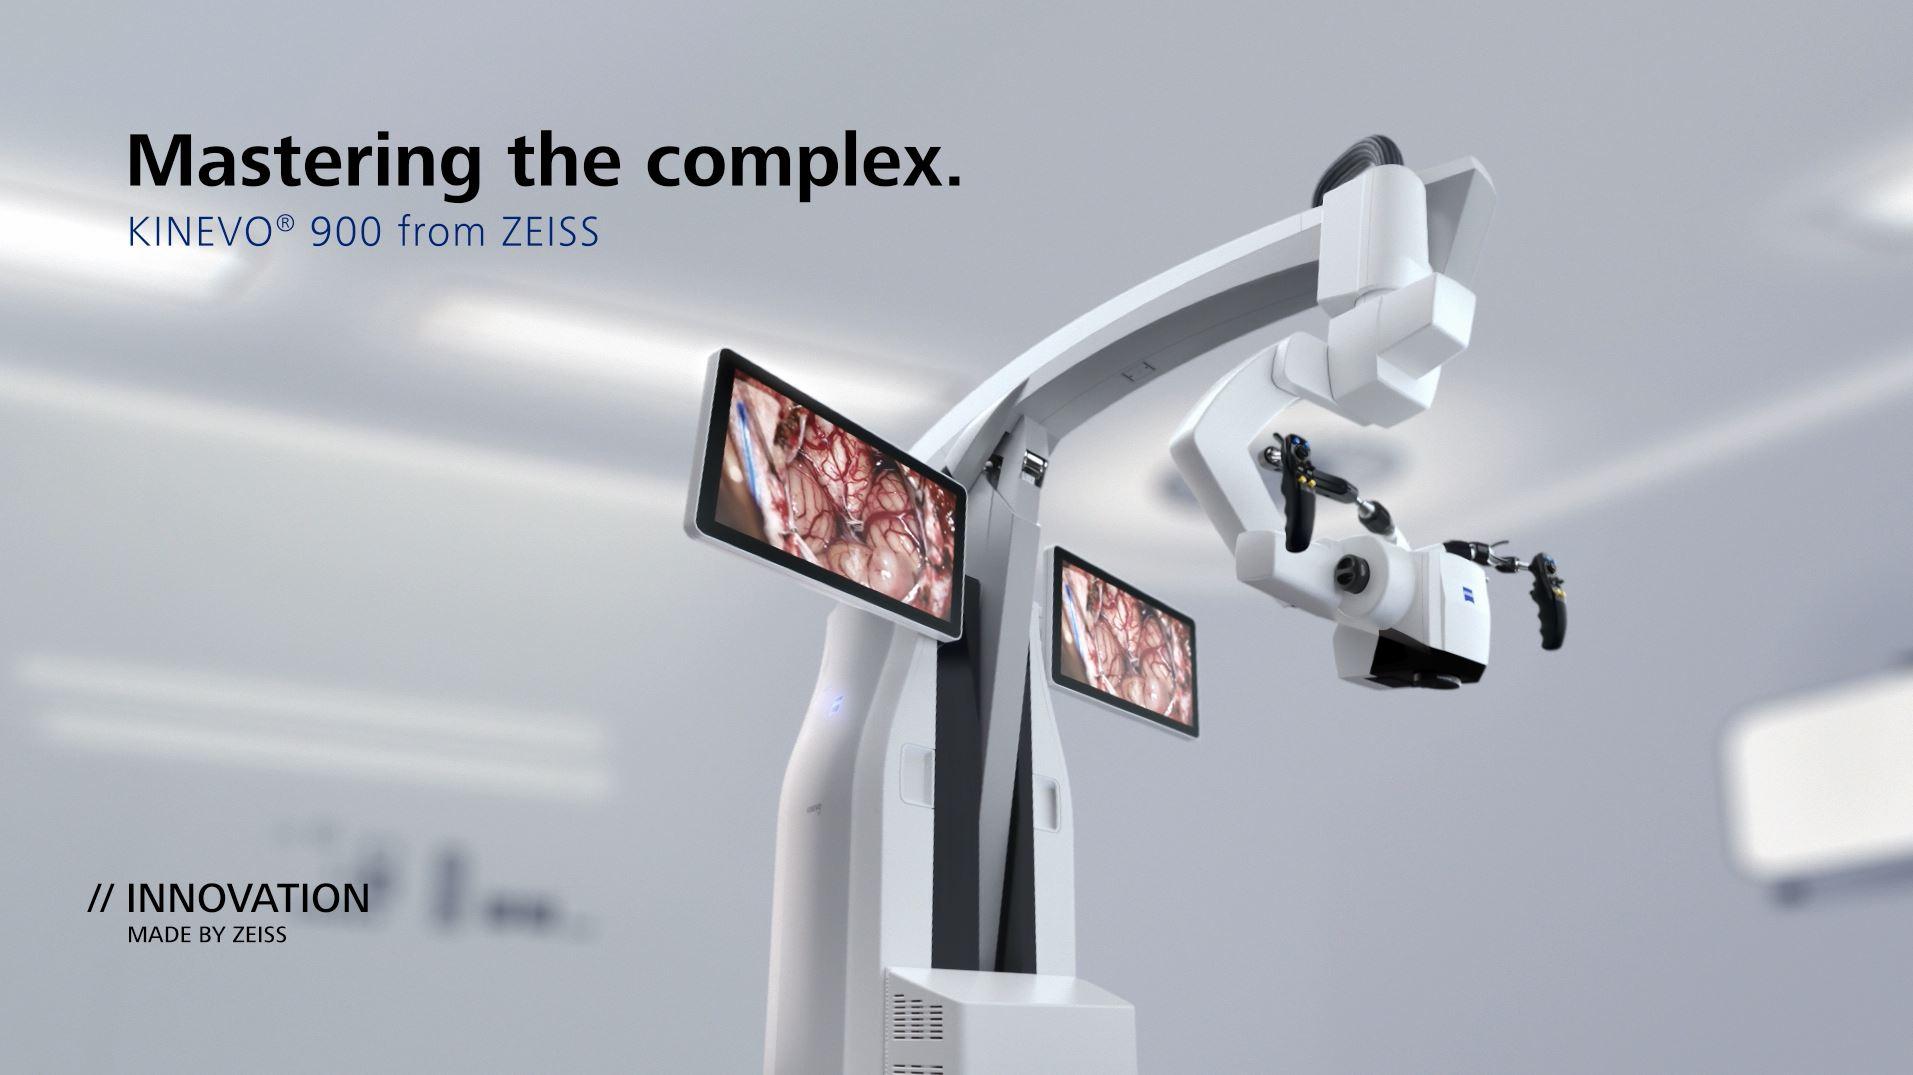 KINEVO 900 & QEVO Neurosurgical Visualization Microscope - Medical